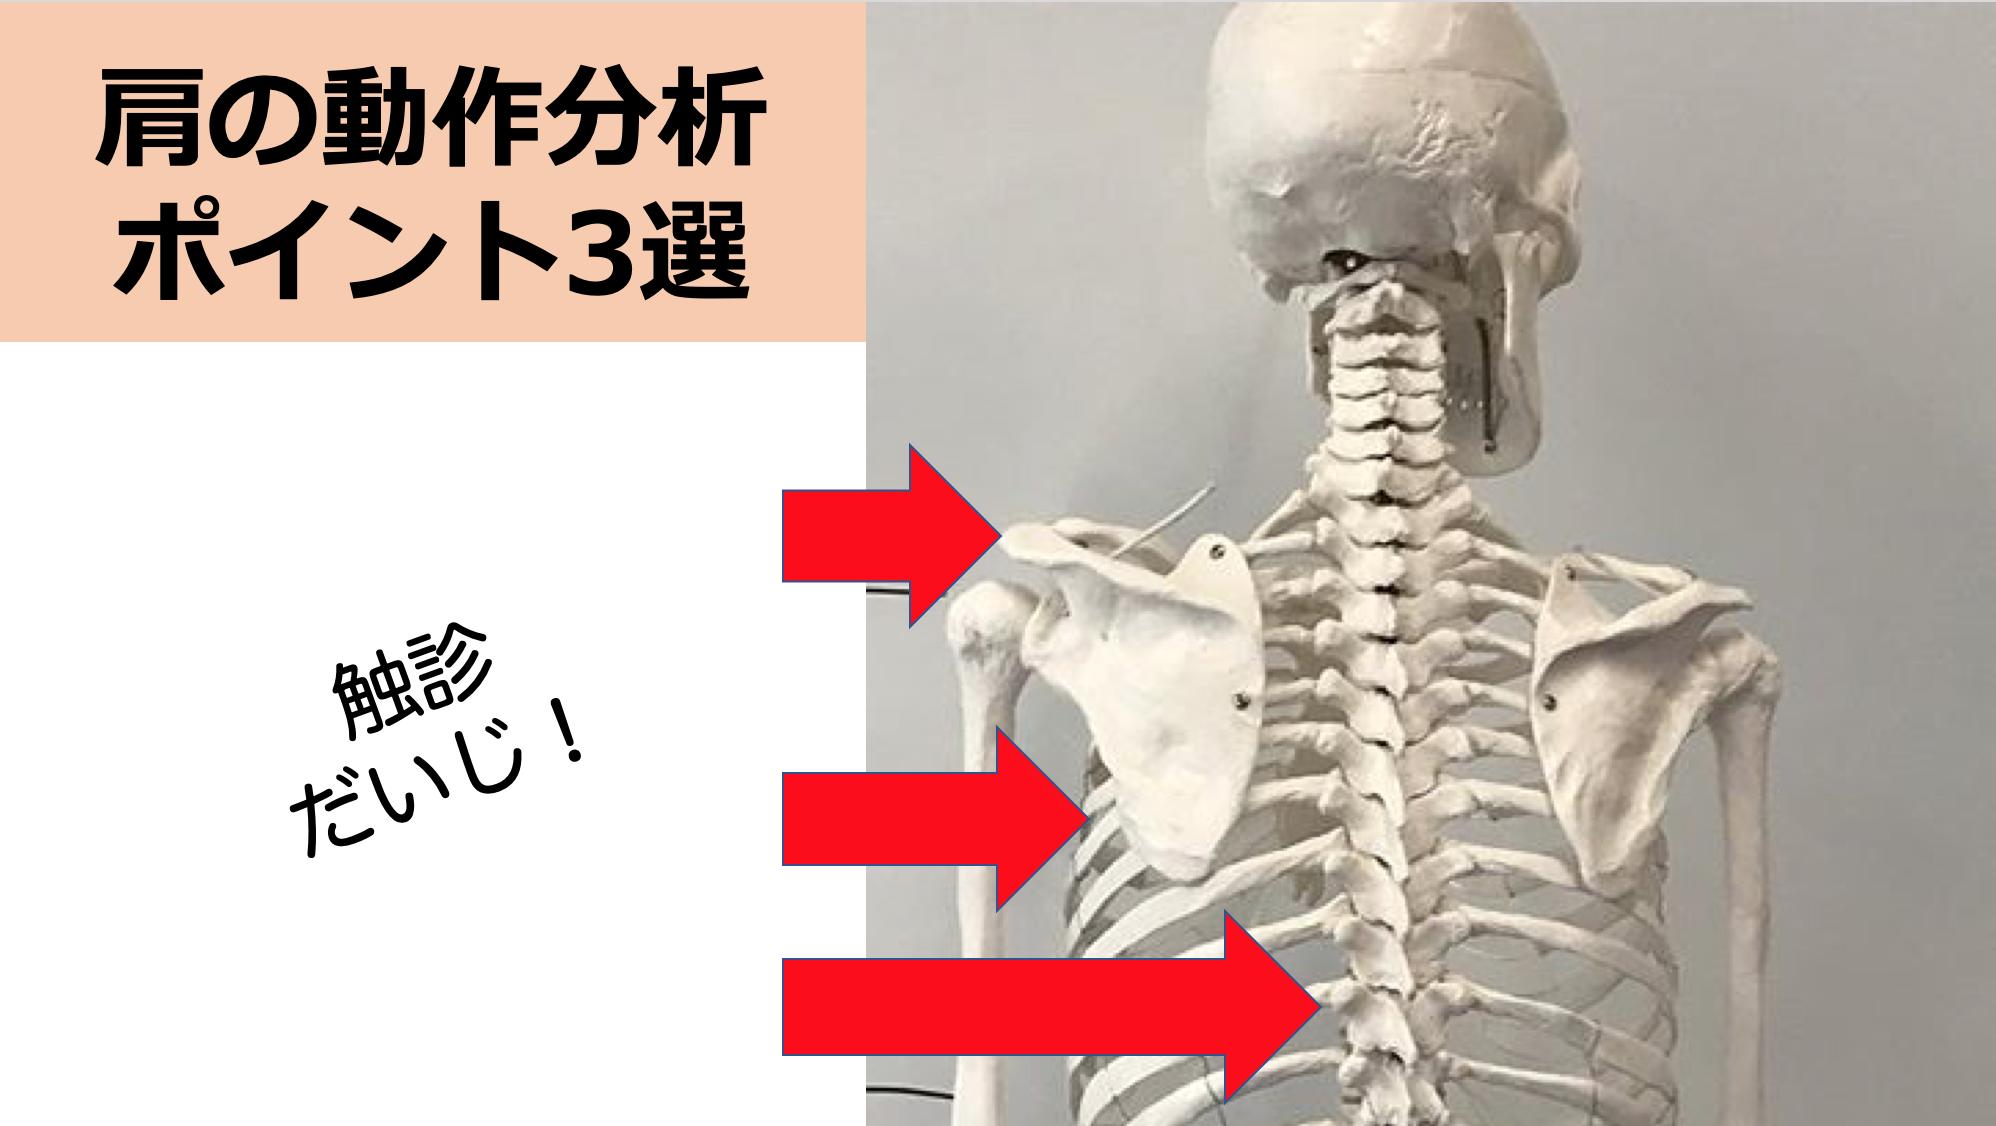 介入に迷ったら、ココを見よう!肩の動作分析で見るべきポイント3選